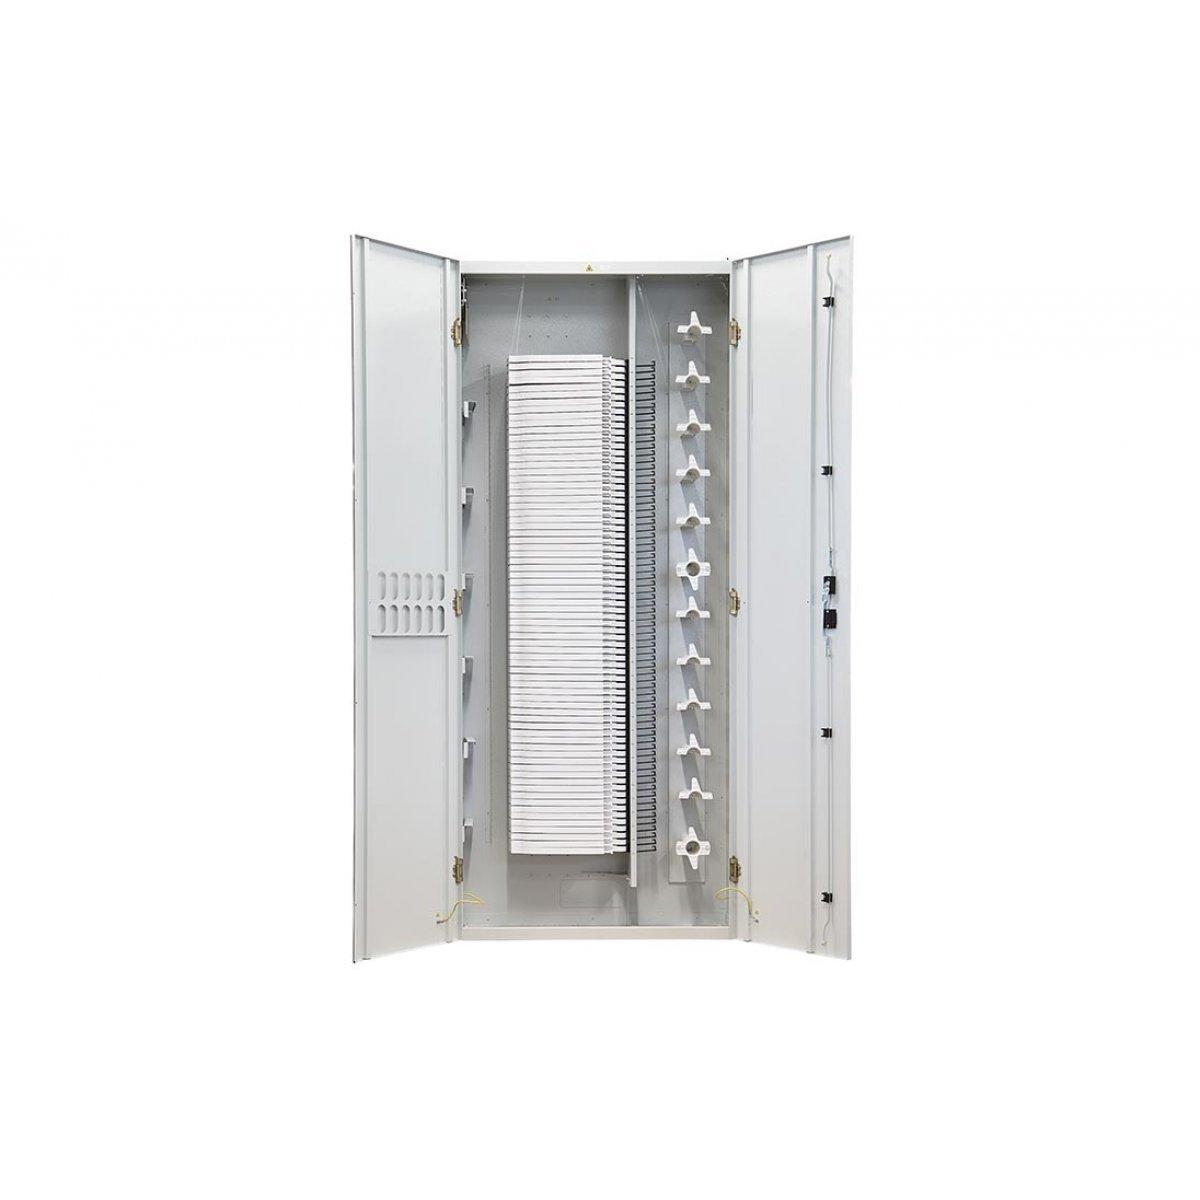 Шкаф с органайзерами 900х300х2200 мм ВОКС-ФП -93 -ОМ ССД